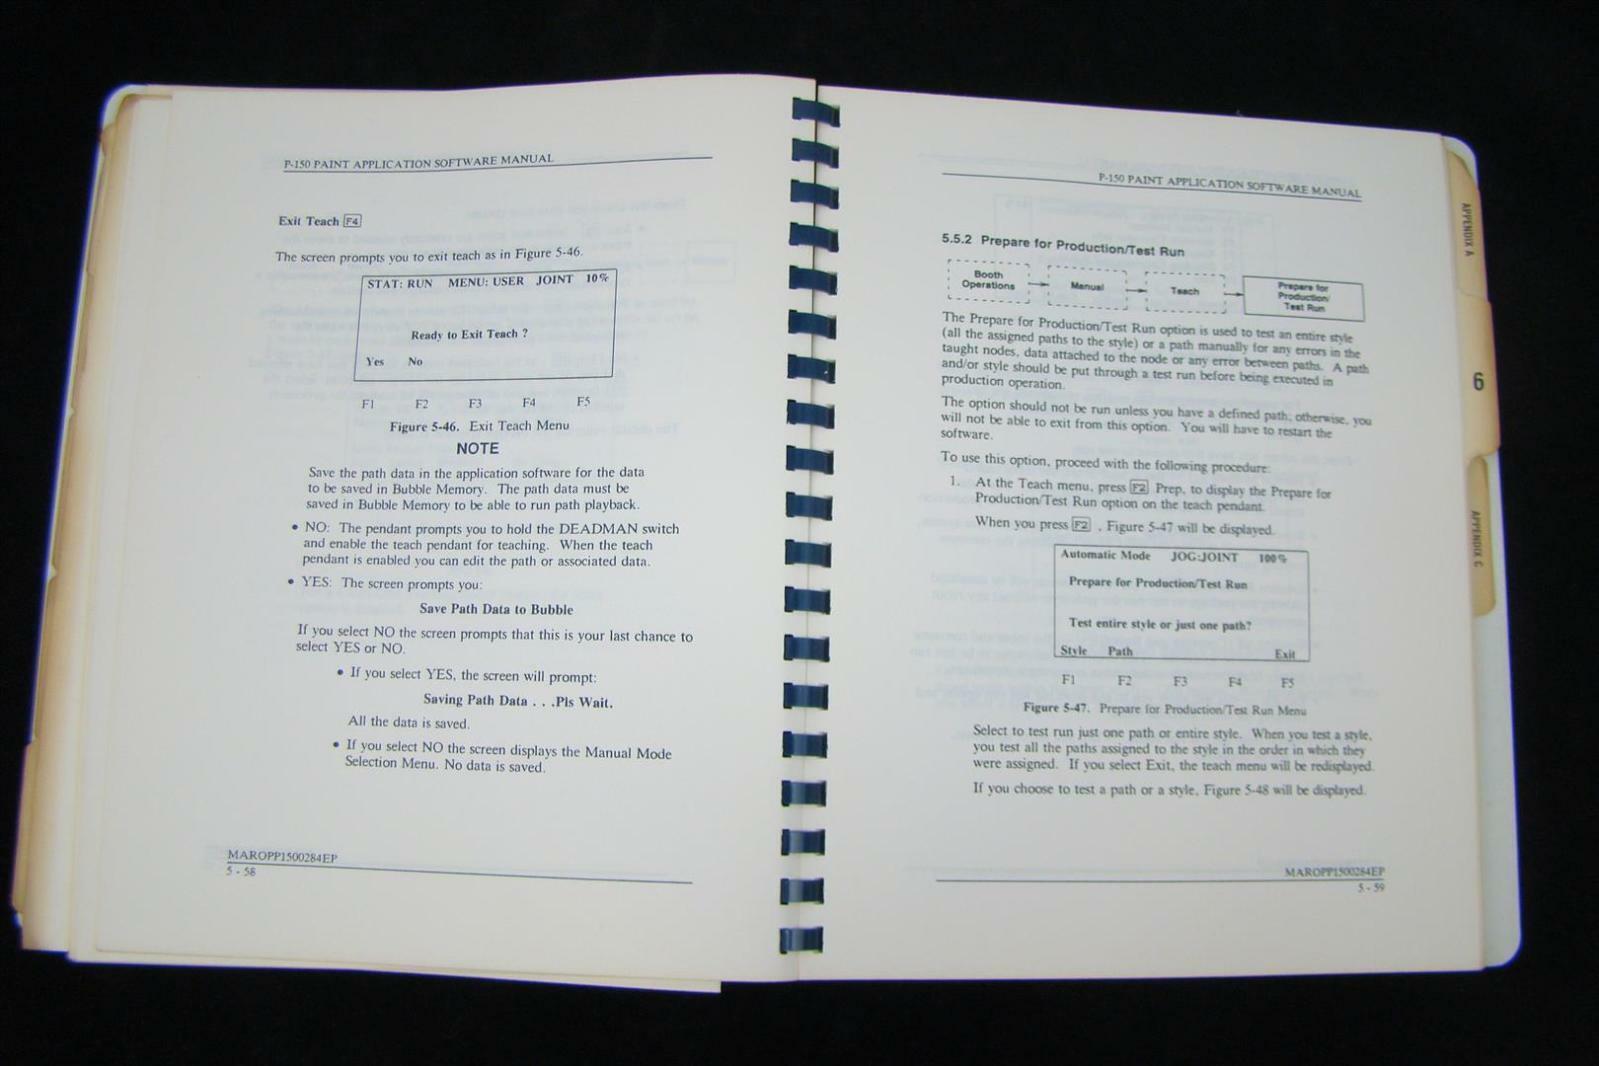 Fanuc Robotics P 150 Paint Application Software Manual V2